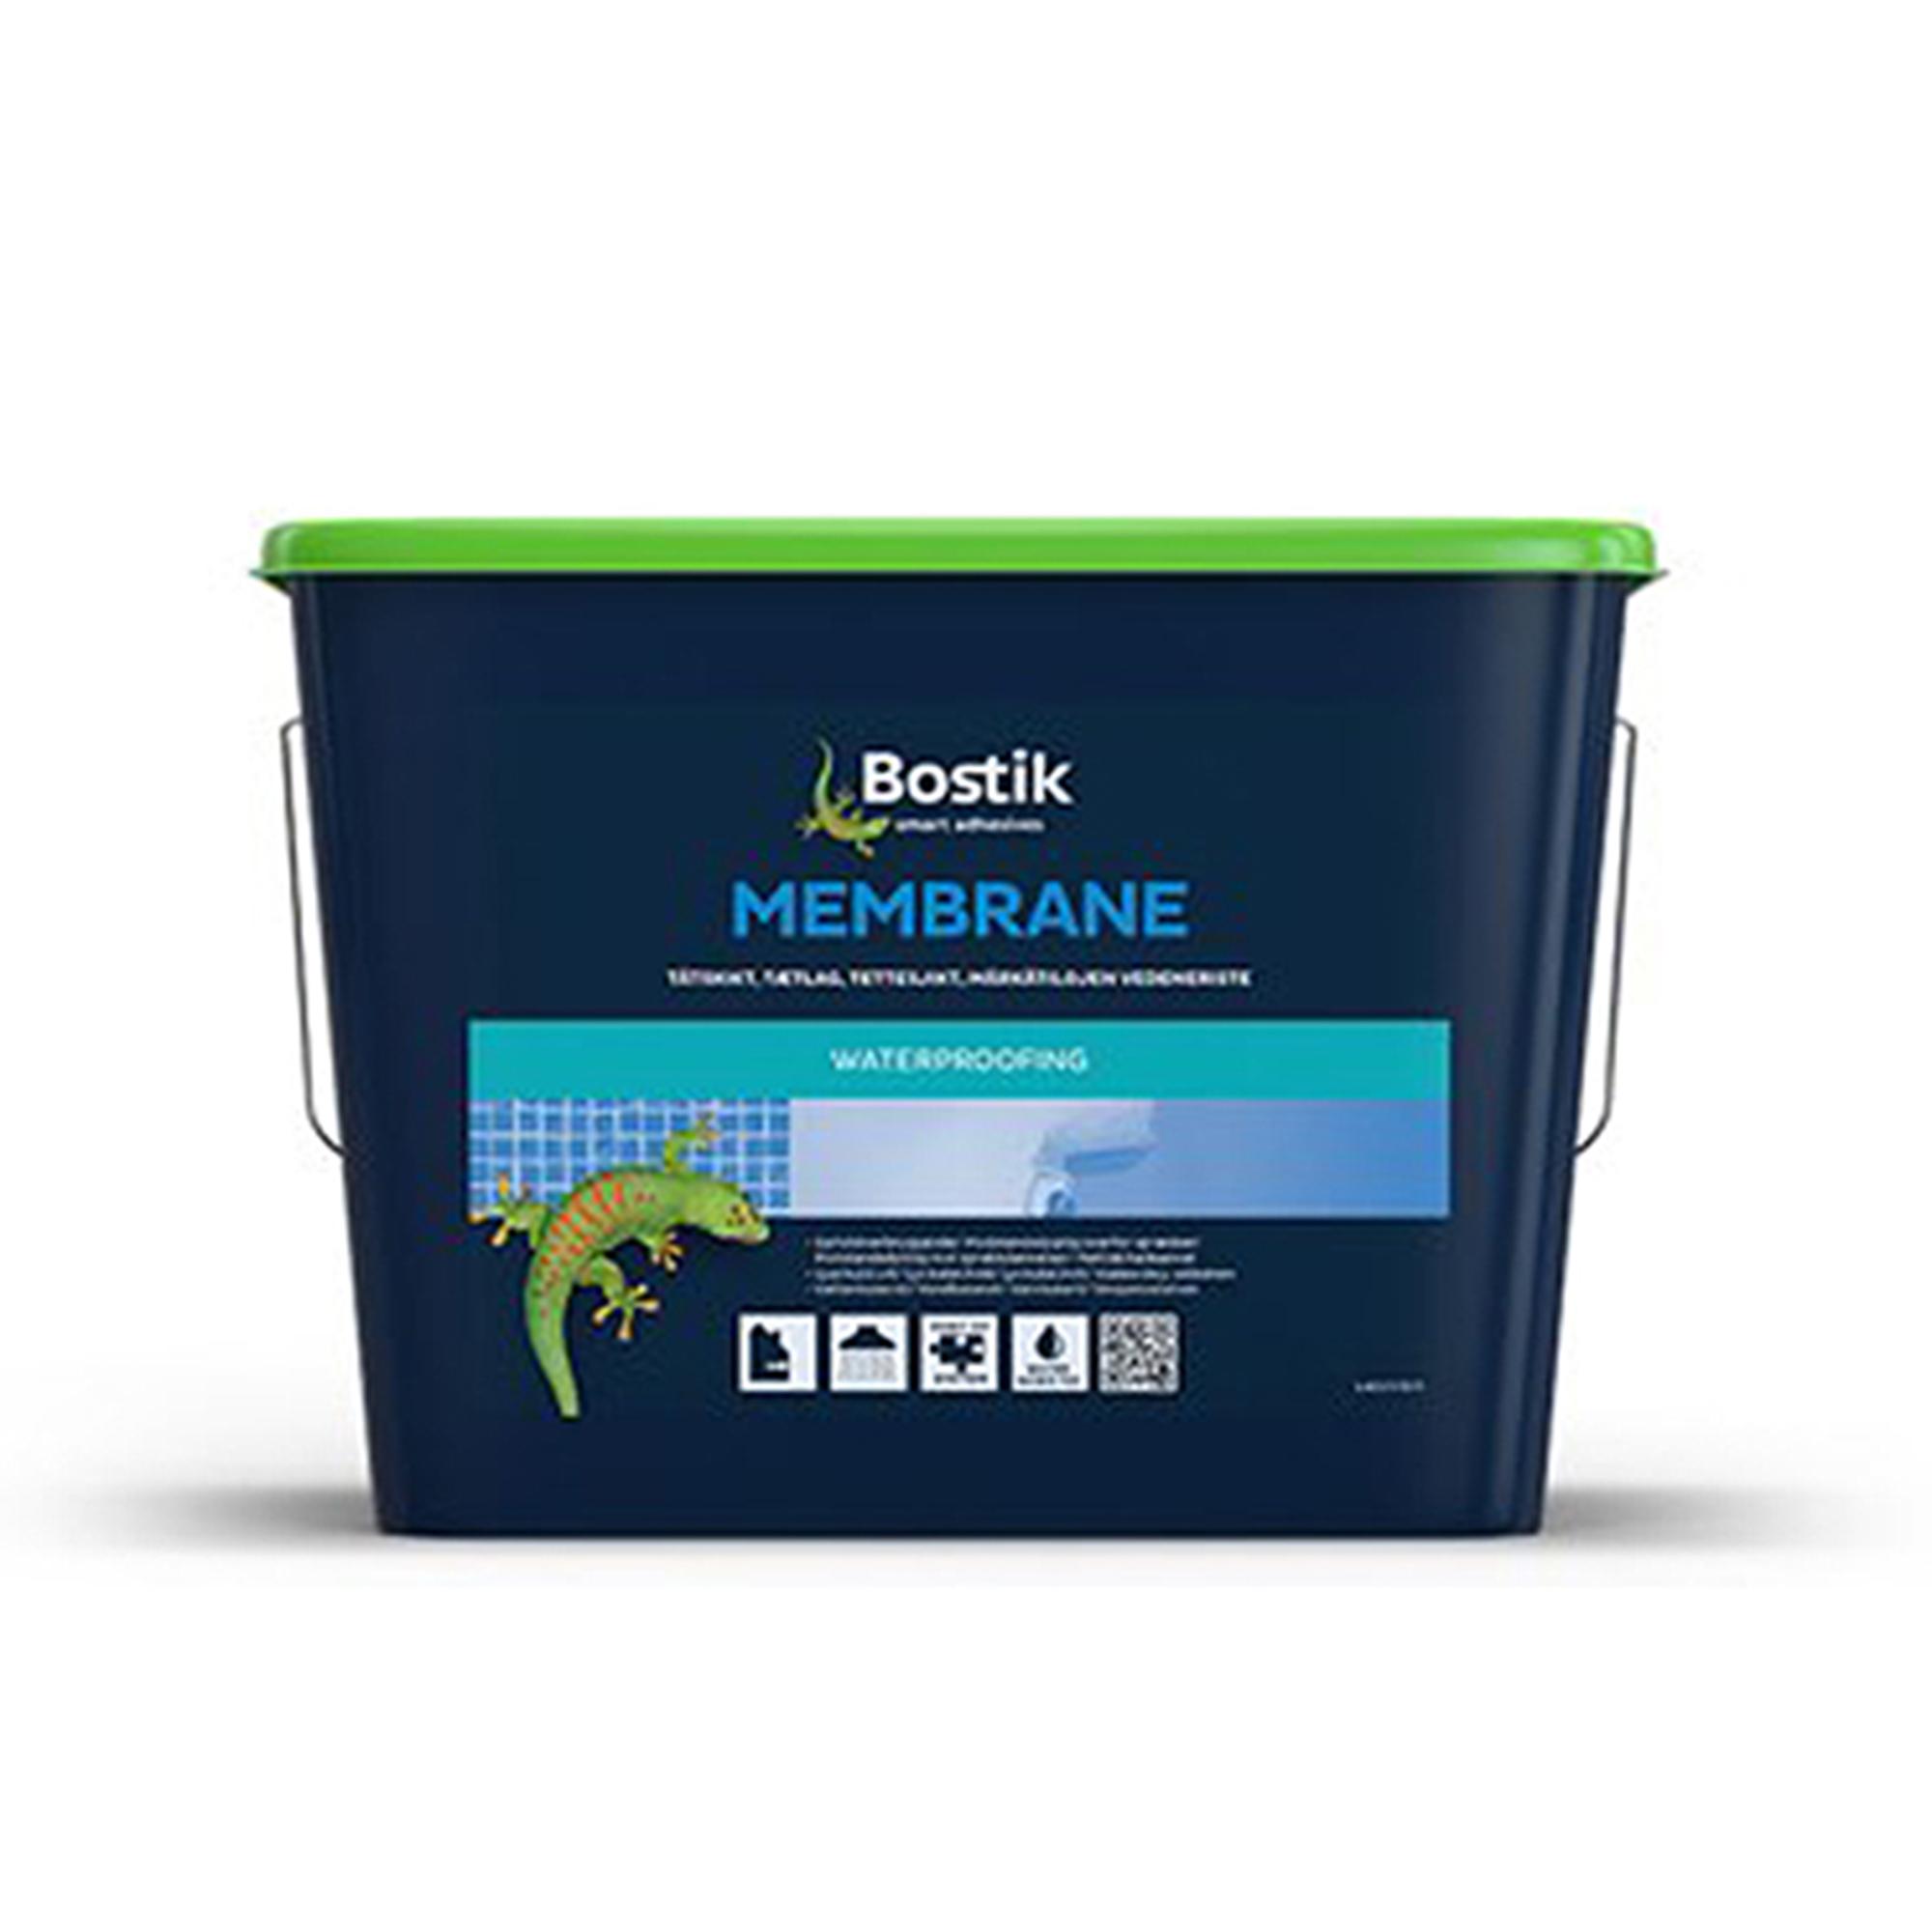 Tätskikt Bostik Membrane 14,5 kg